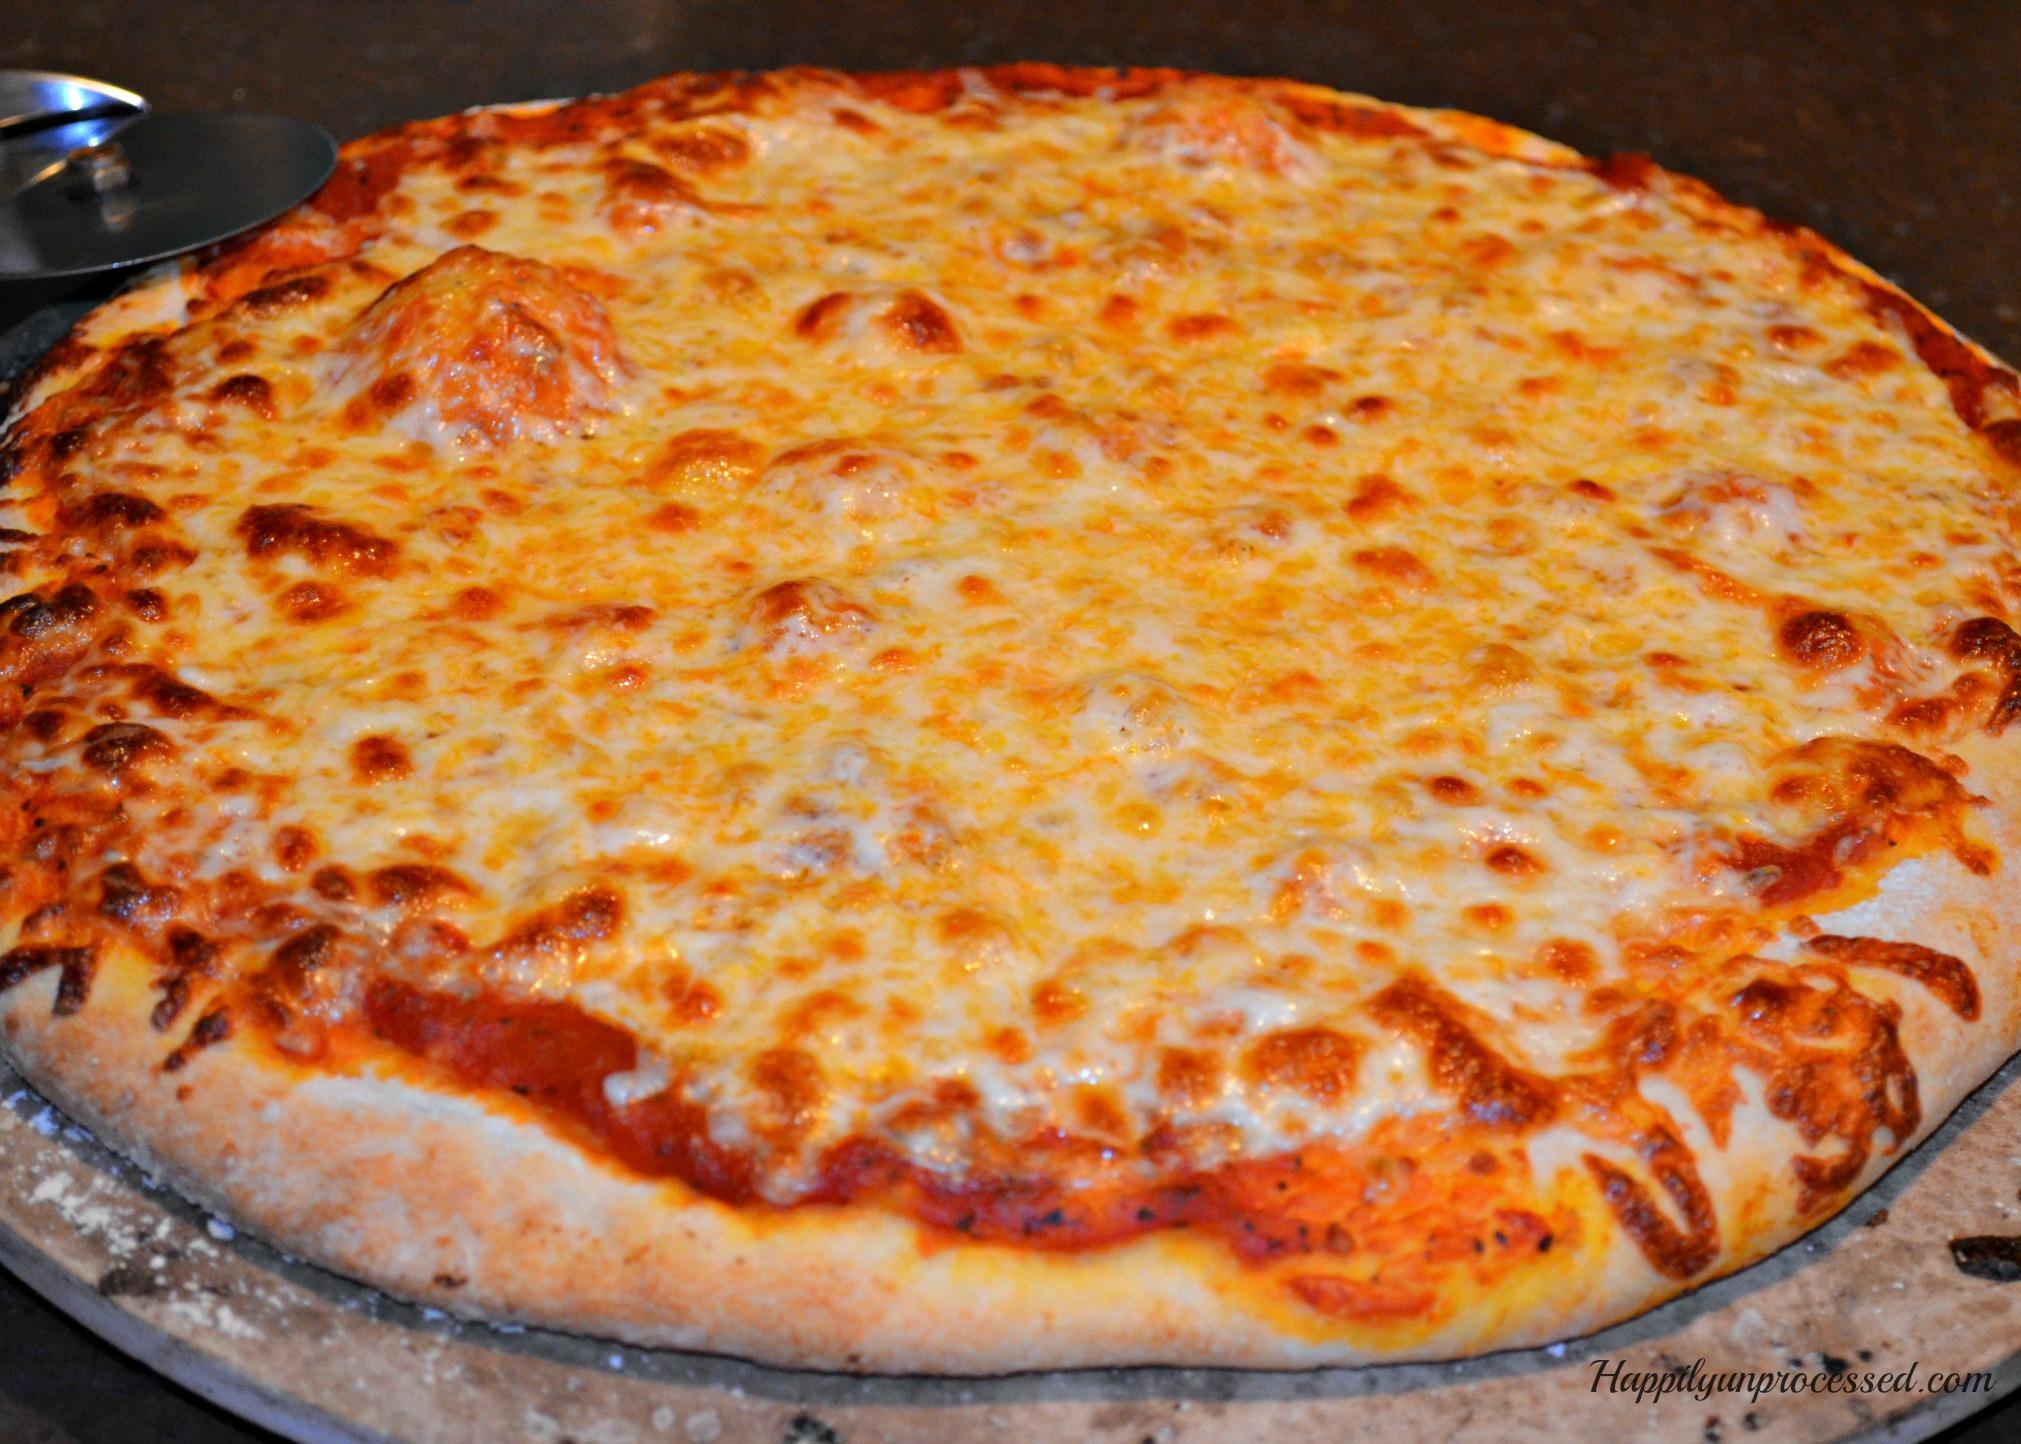 Friday Night Homemade Pizza